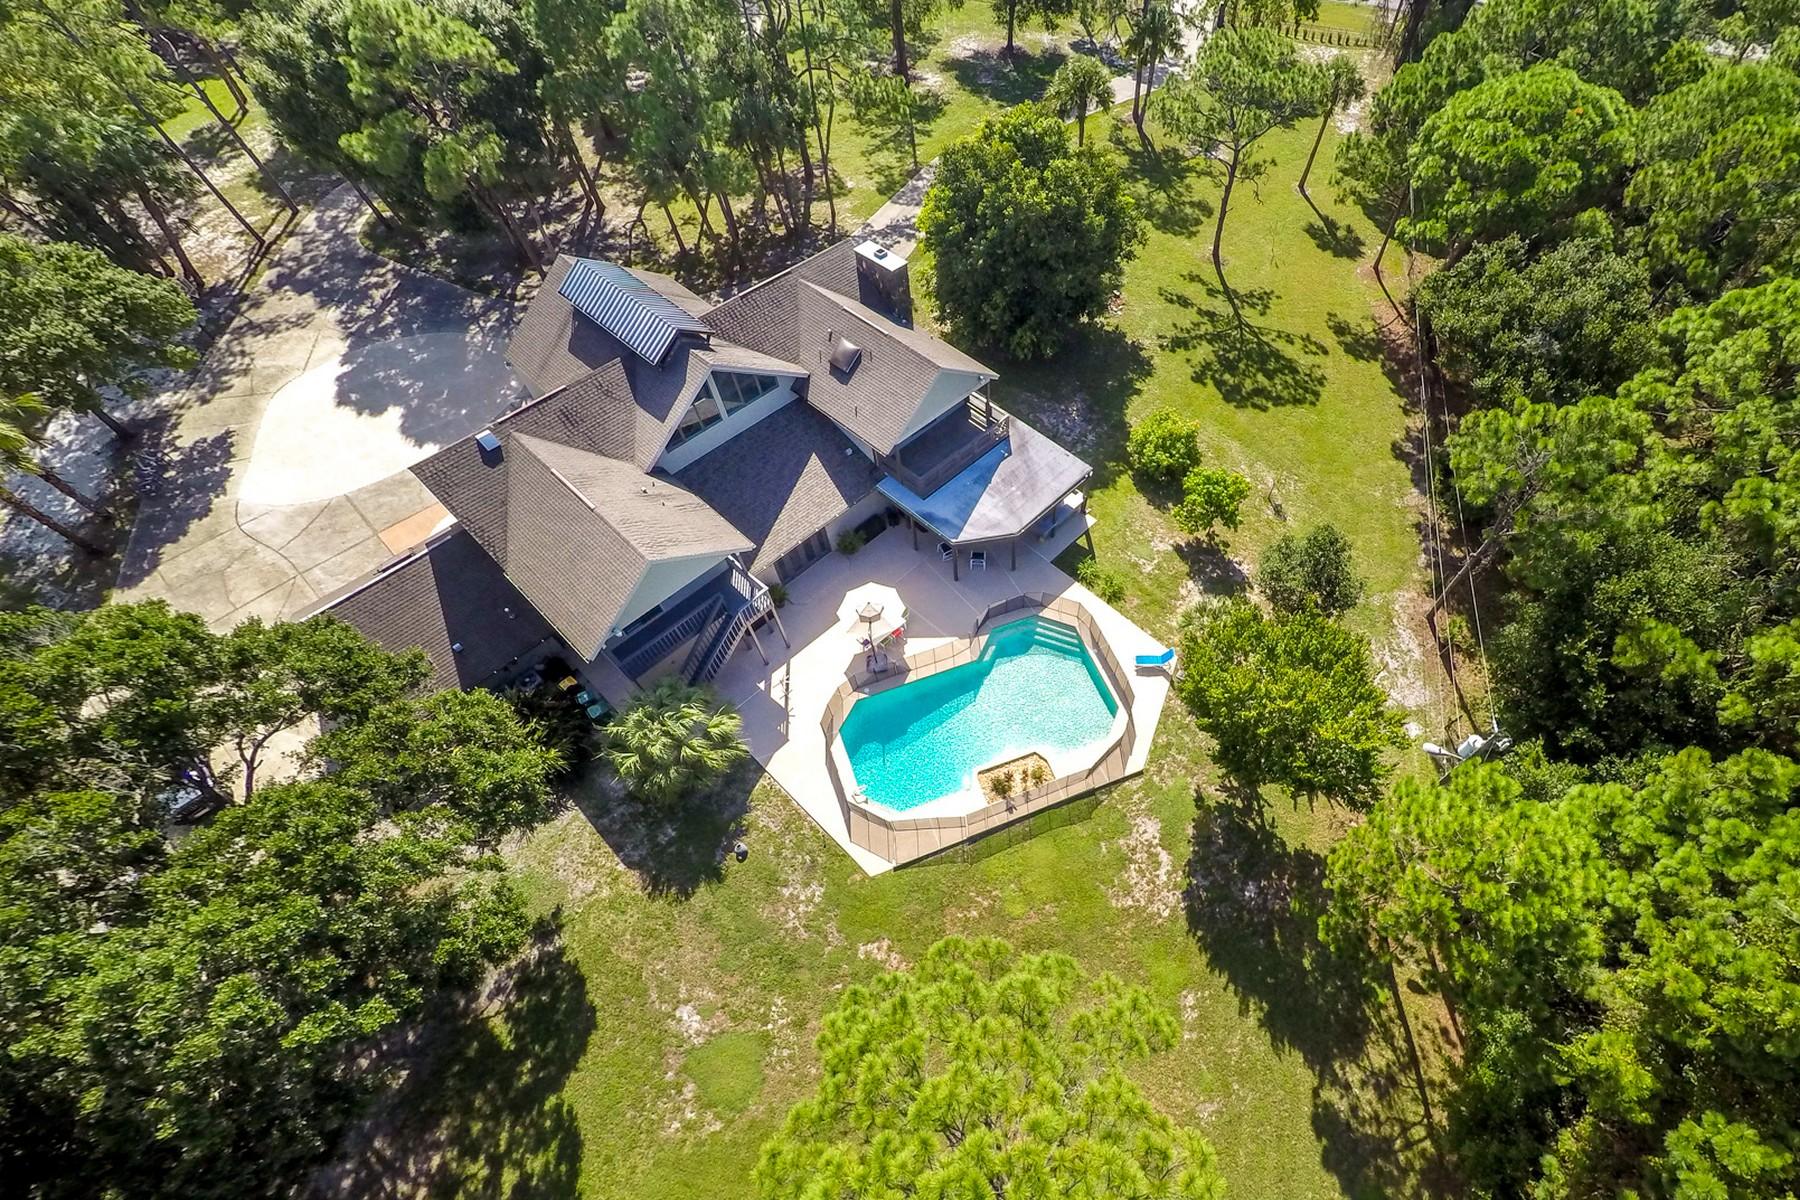 一戸建て のために 売買 アット 2945 Appaloosa Blvd 2945 Appaloosa Blvd. Melbourne, フロリダ, 32934 アメリカ合衆国